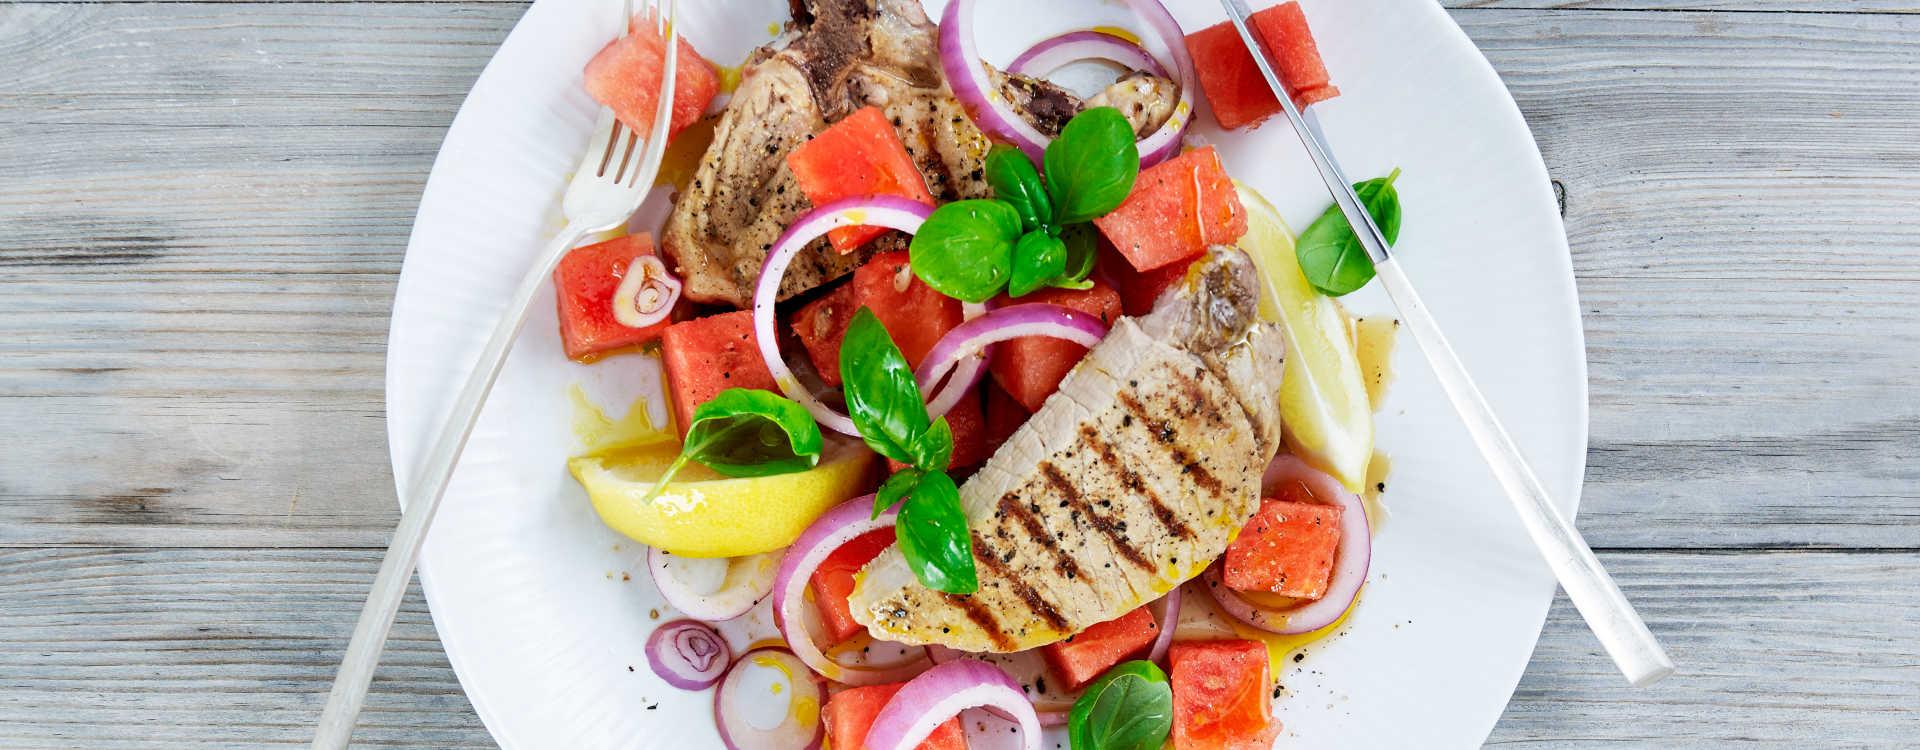 Svinekoteletter med melon og rødløksalat